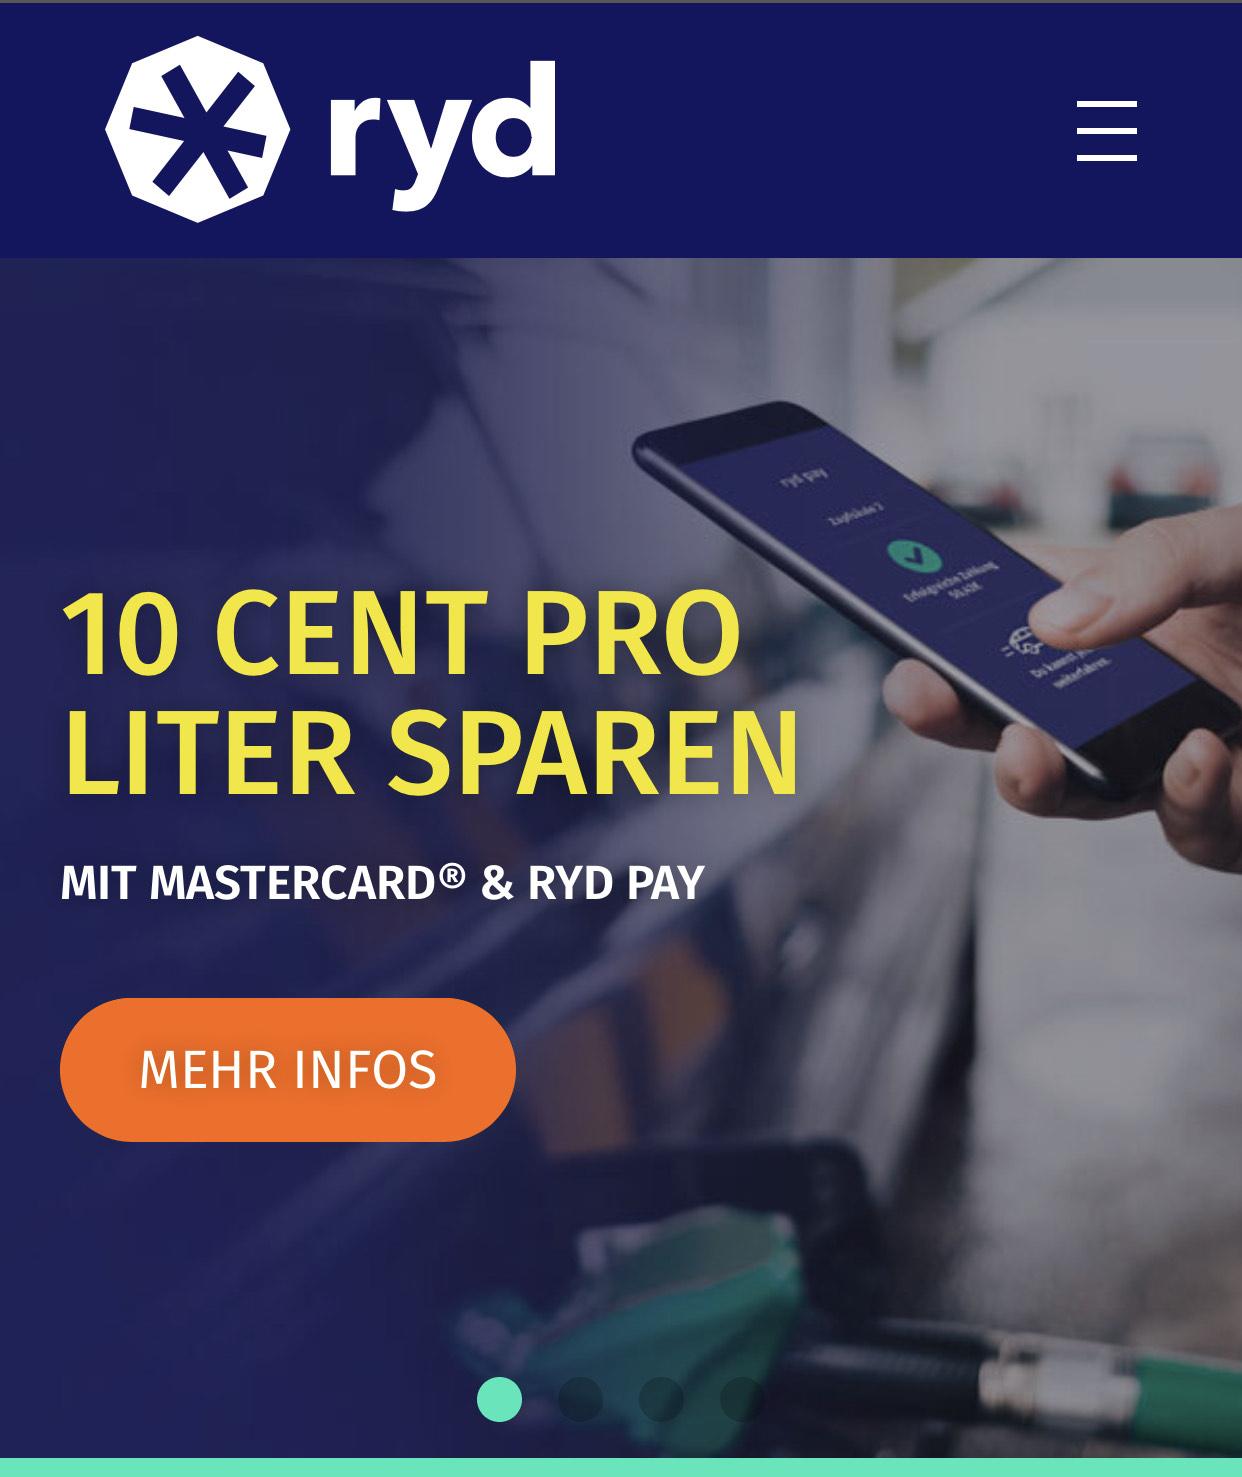 Einlösefrist verlängert - ryd pay & Mastercard - 10 Cent pro Liter beim Tanken sparen *Neukunden & Bestandskunden*